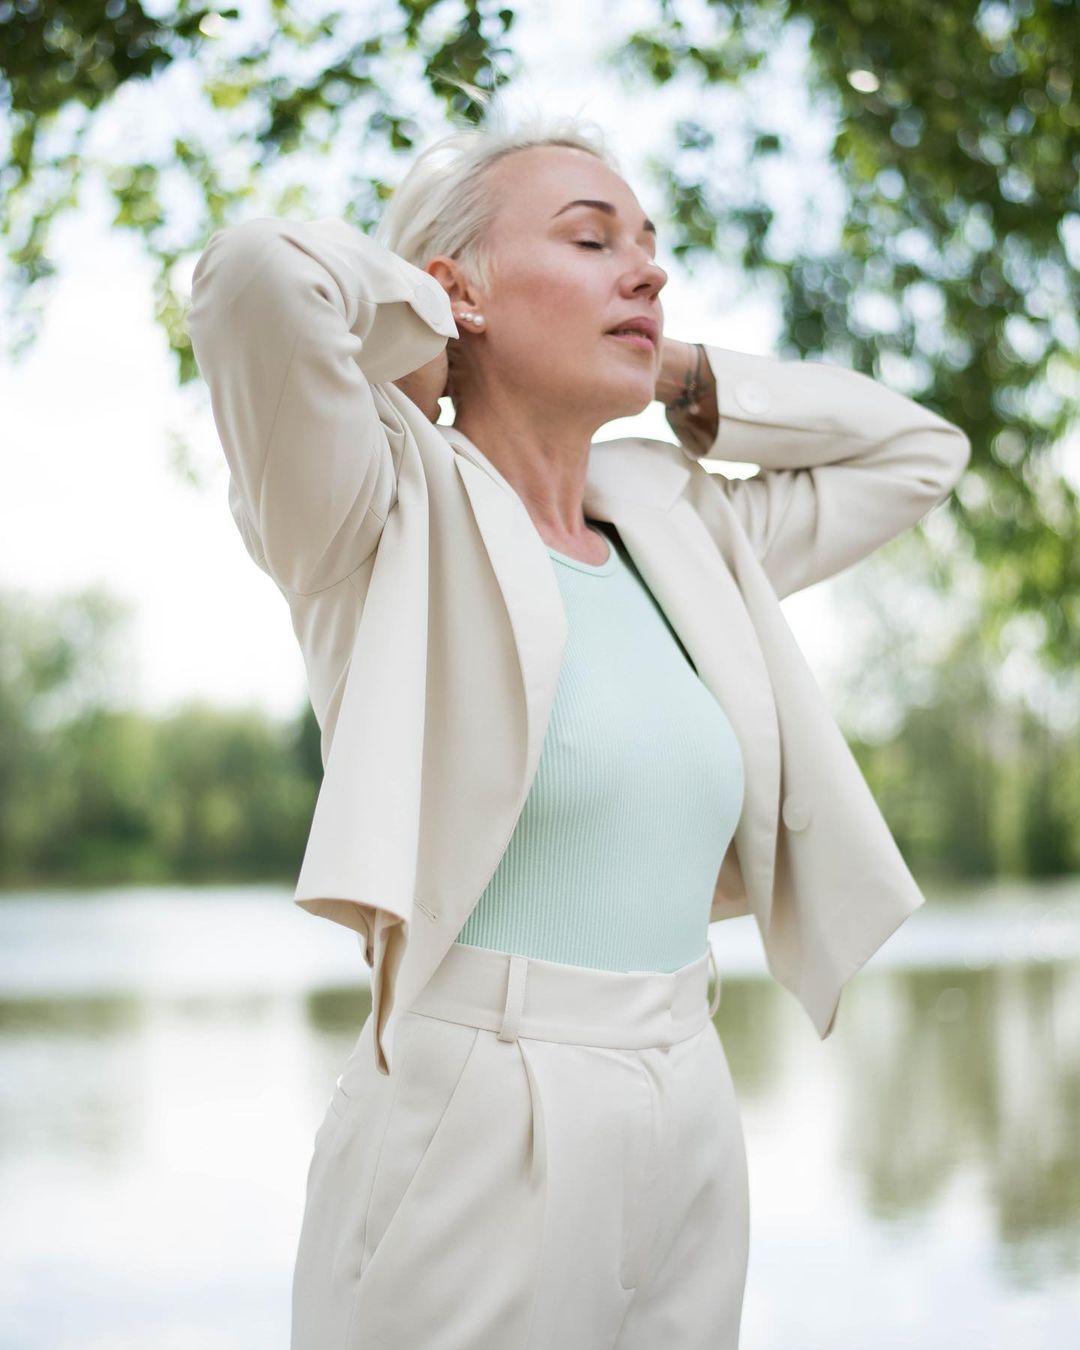 модный женский брючный костюм украинский бренд осень 2021 белый бежевый